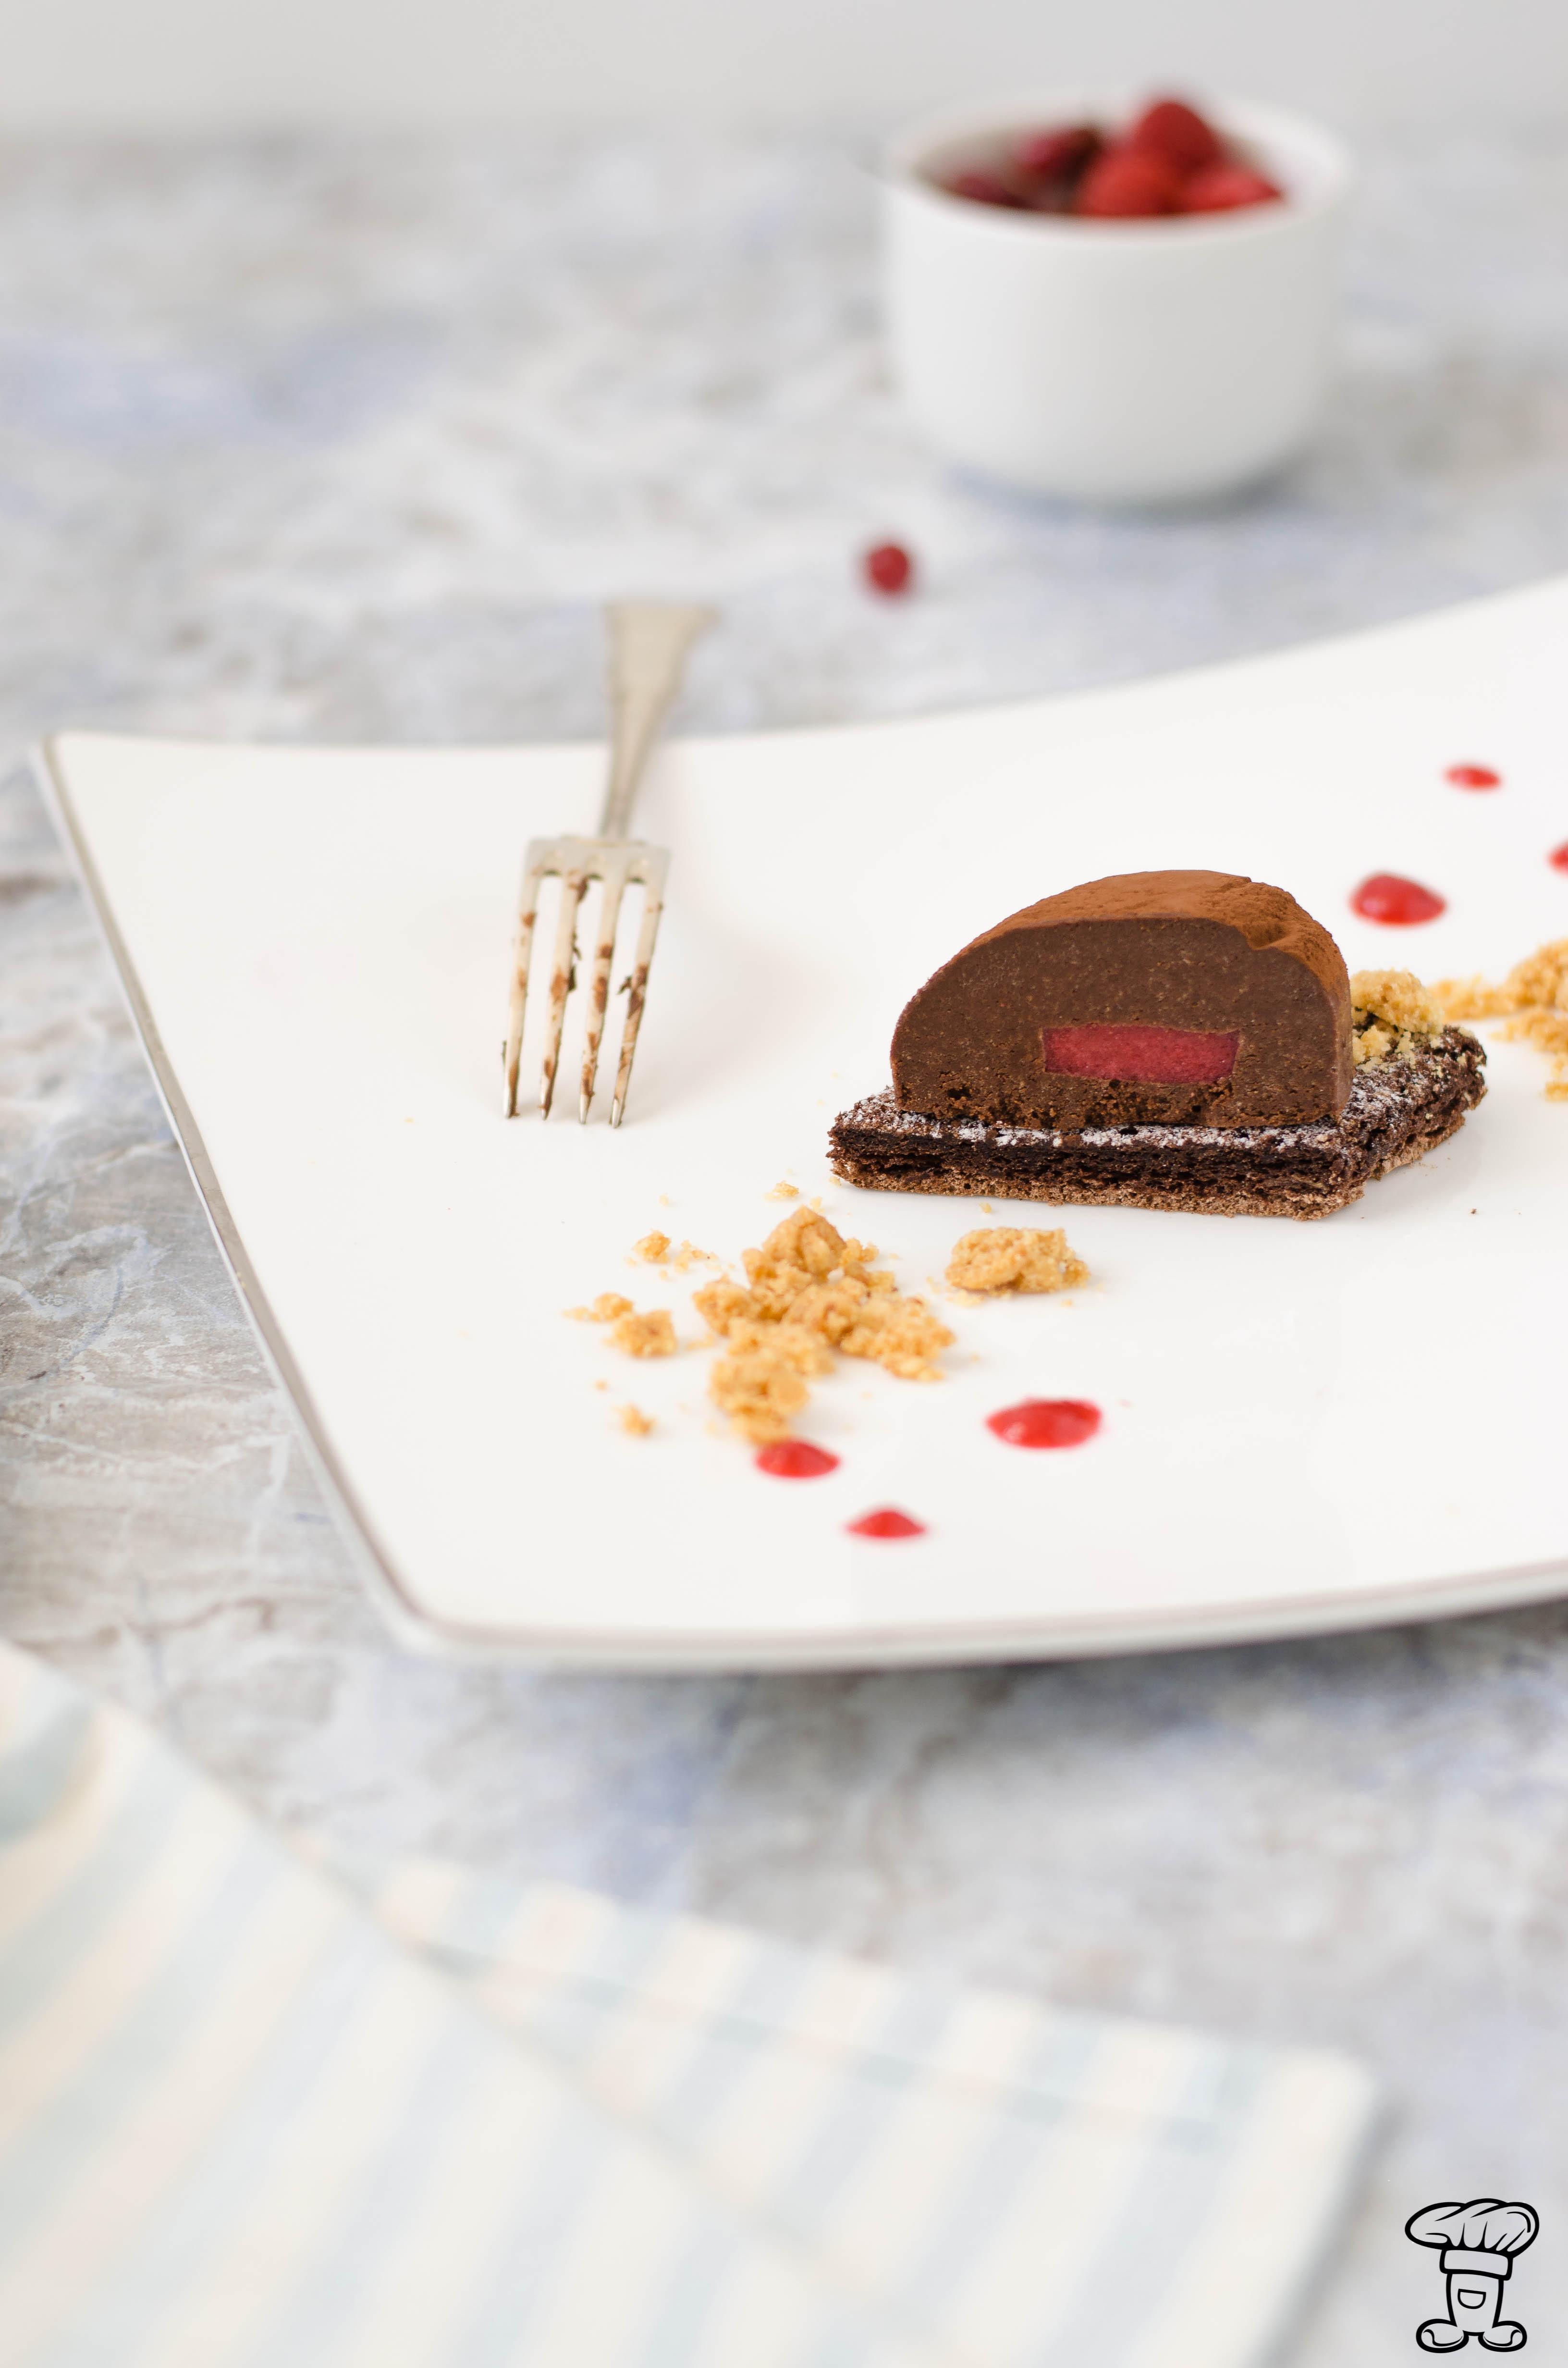 Pave_cioccolato5 Tulipano fondente con cuore gelée e streusel bianco